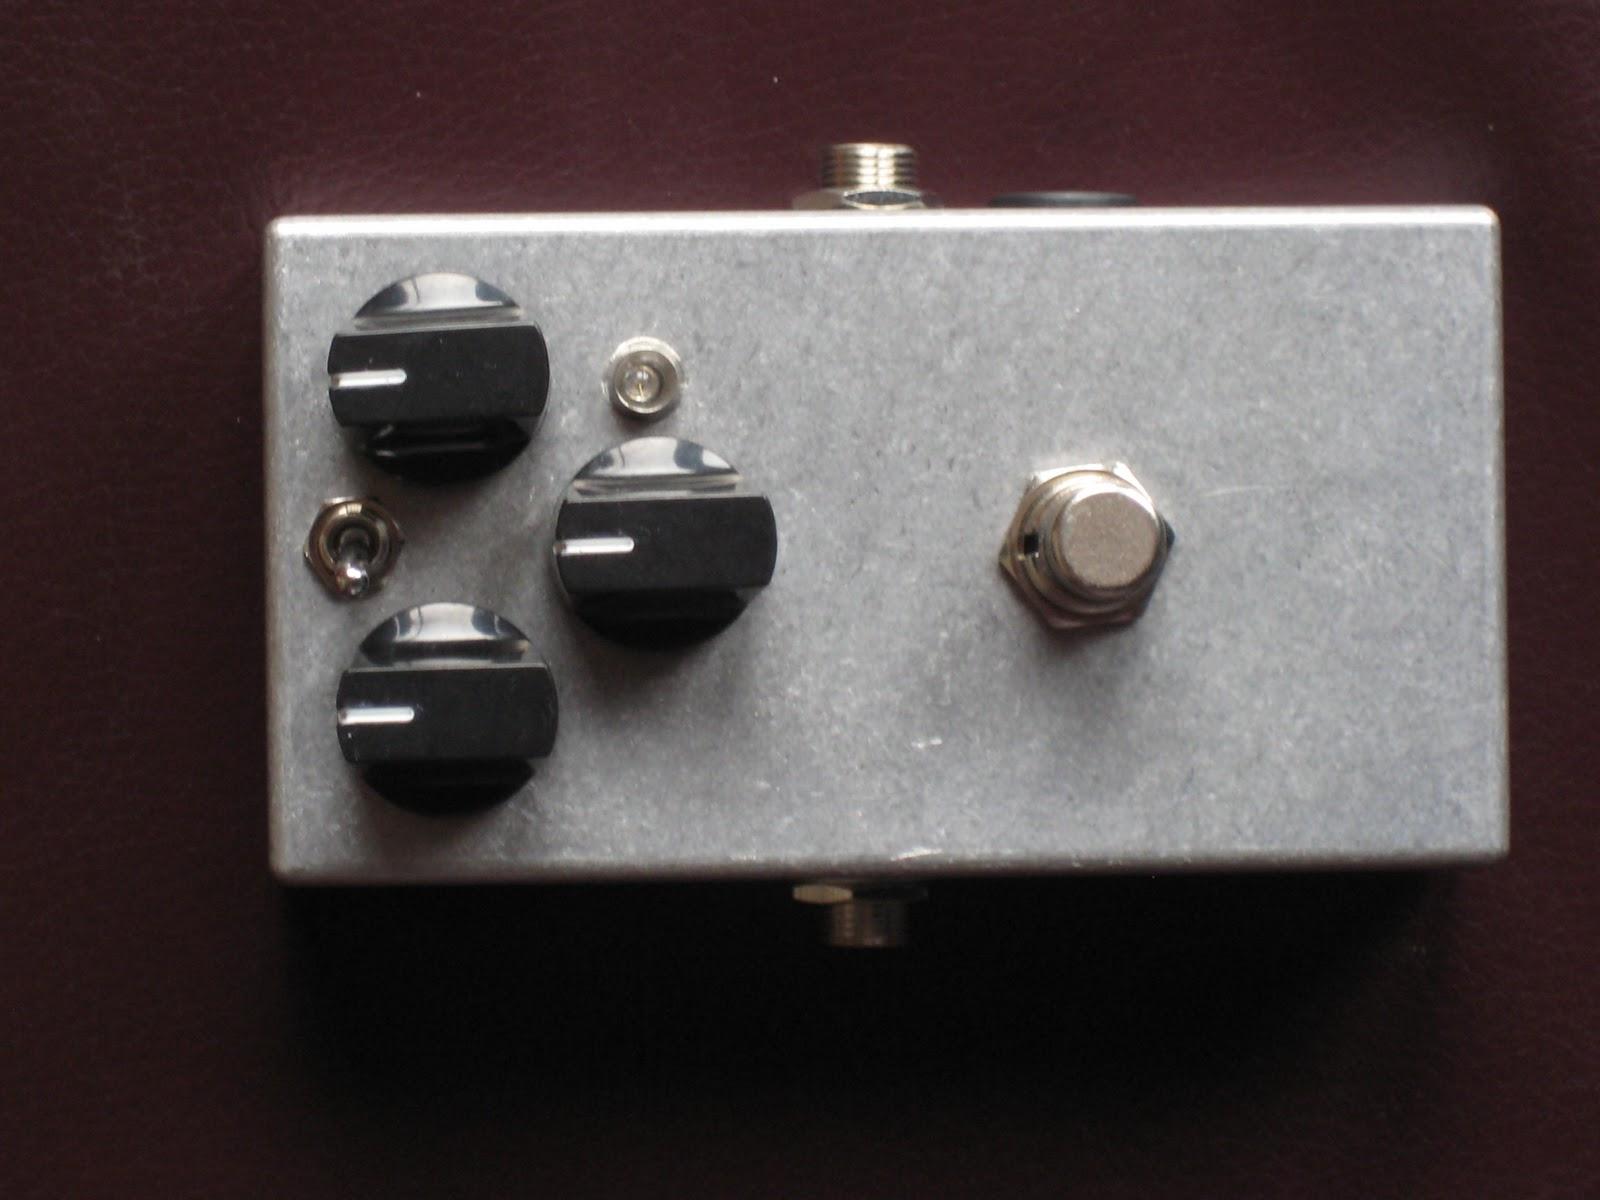 zvex machine clone